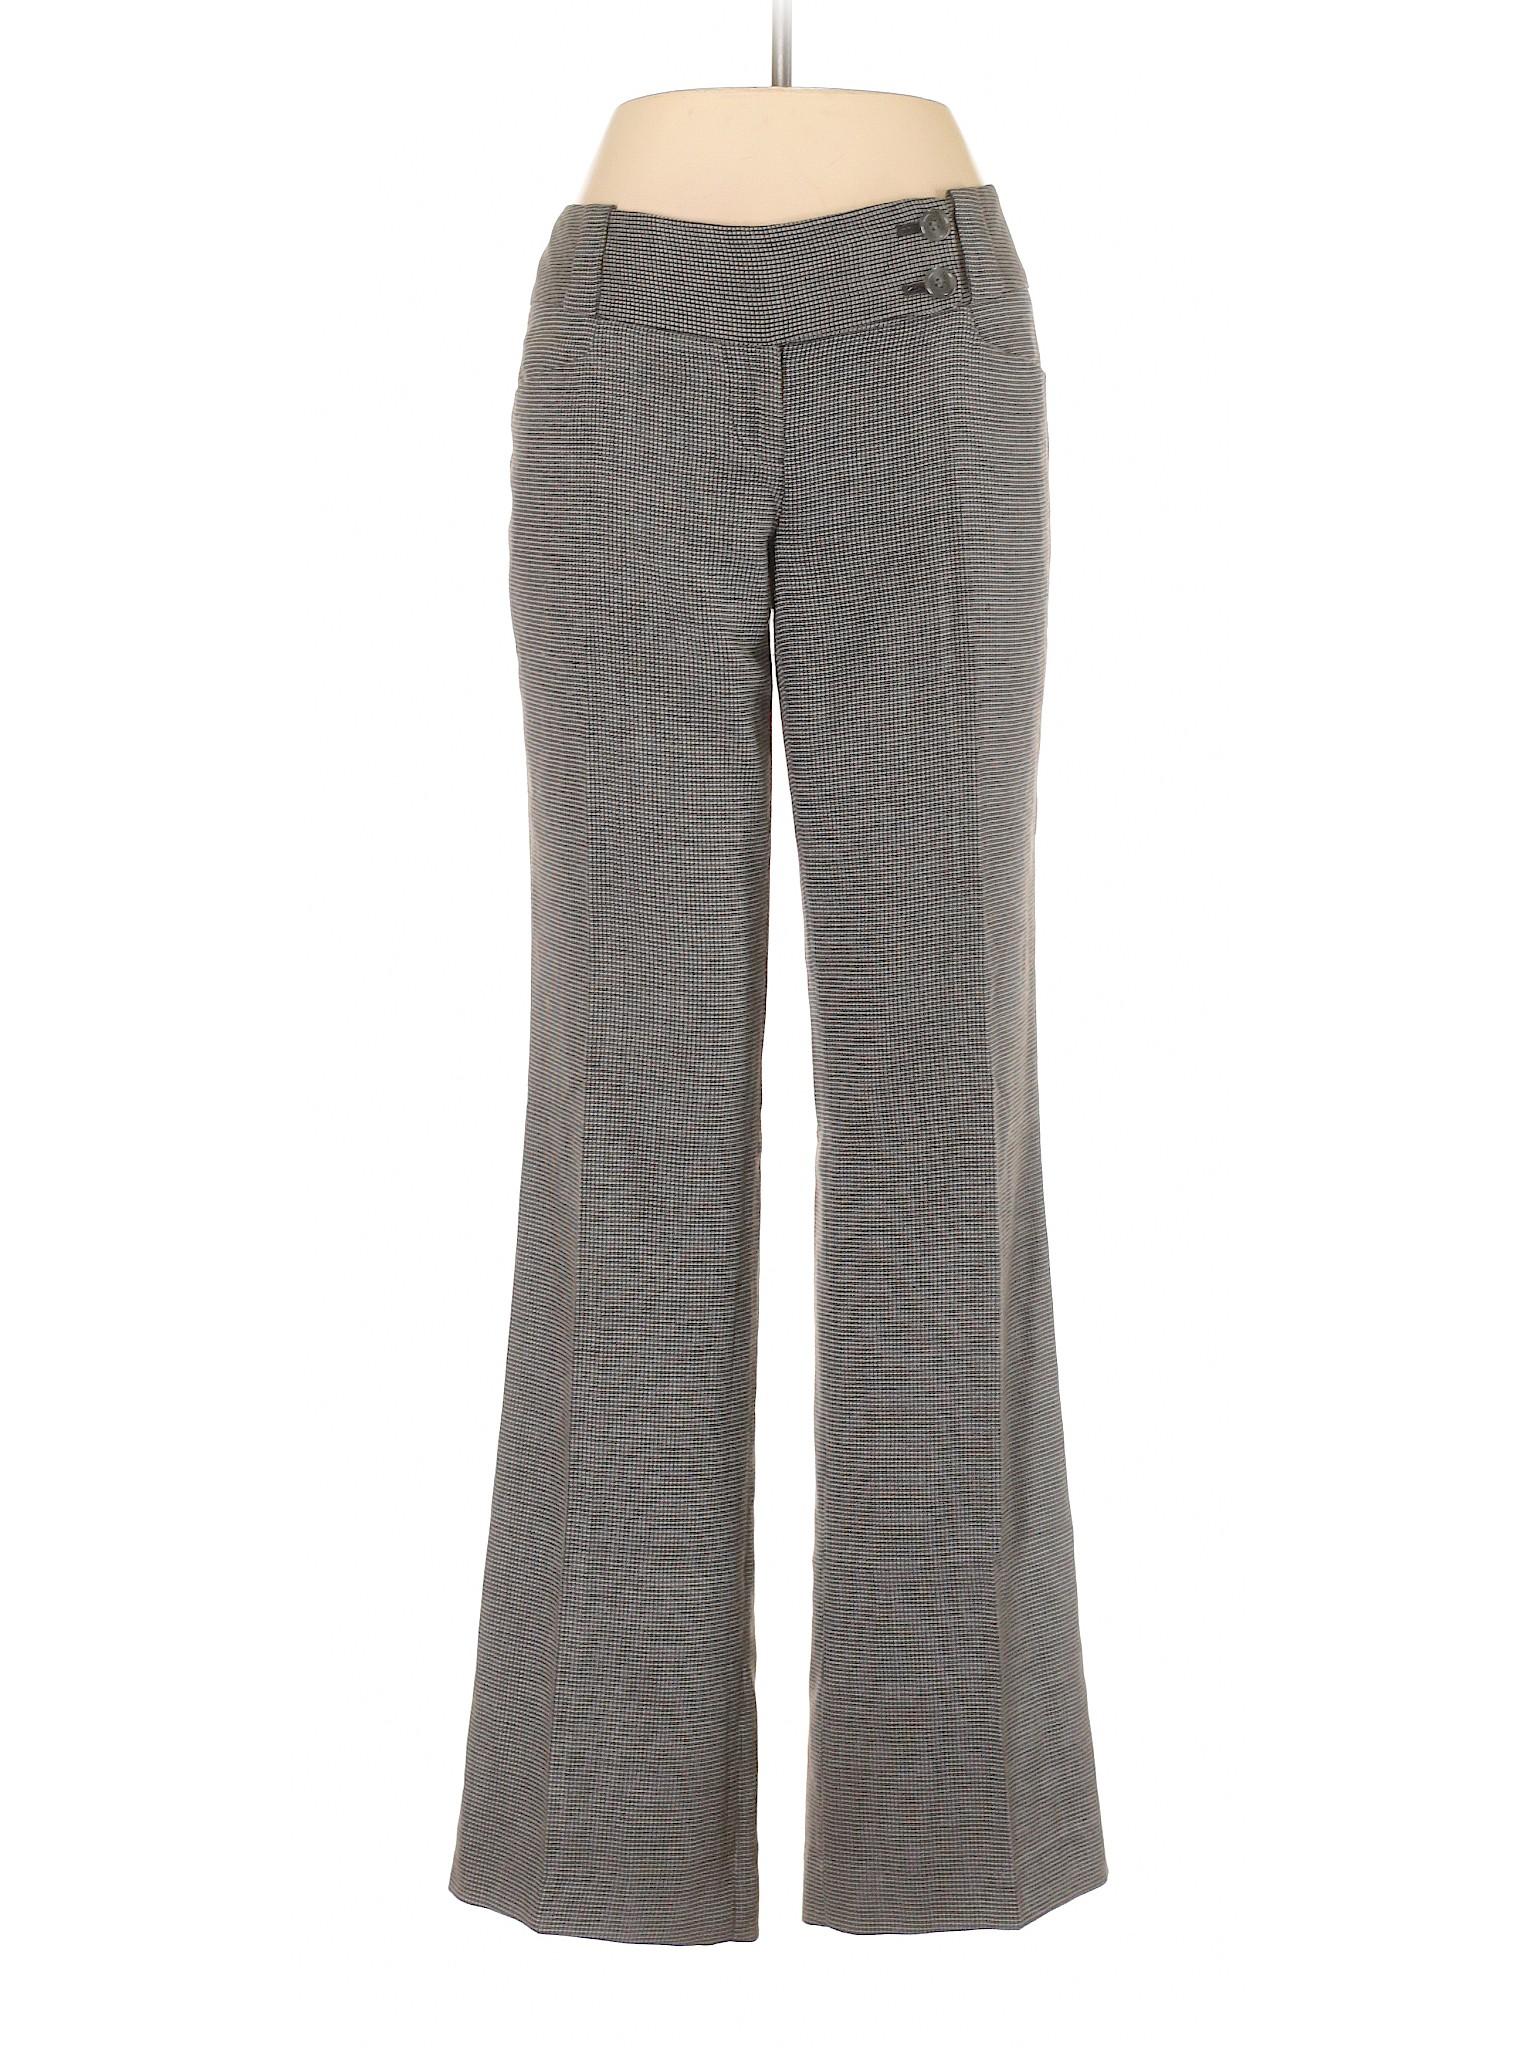 Limited Pants Boutique The Dress leisure qEgp7X